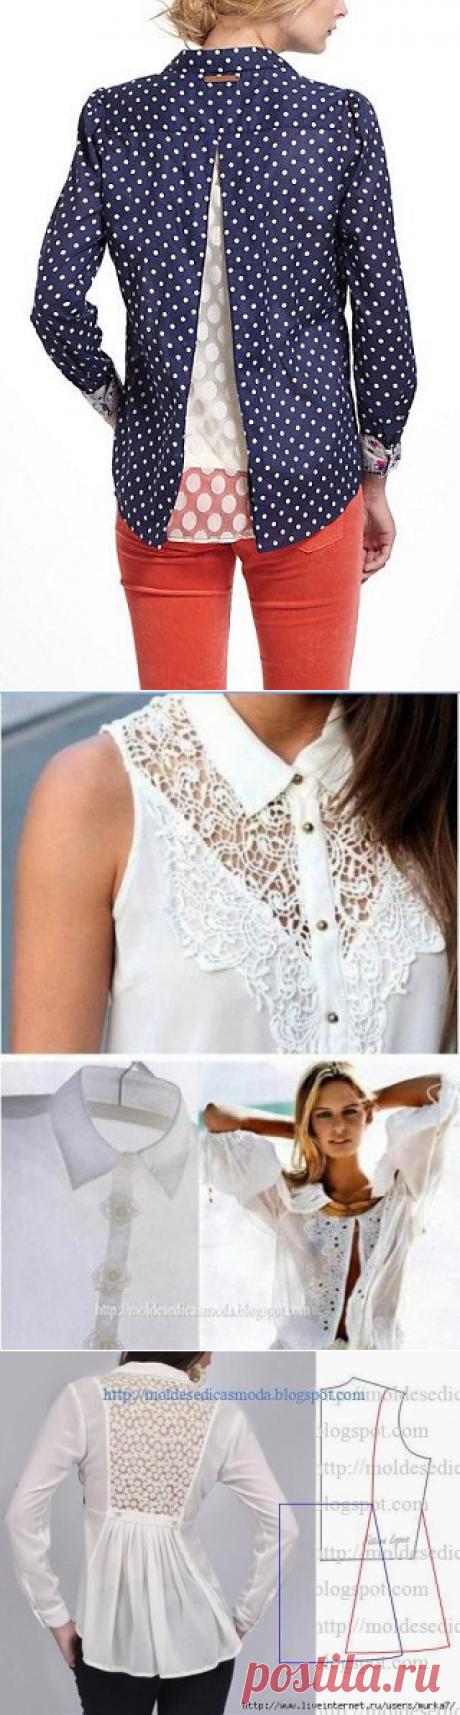 Переделка мужских рубашек в женственные блузы (Шитье и крой) | Журнал Вдохновение Рукодельницы